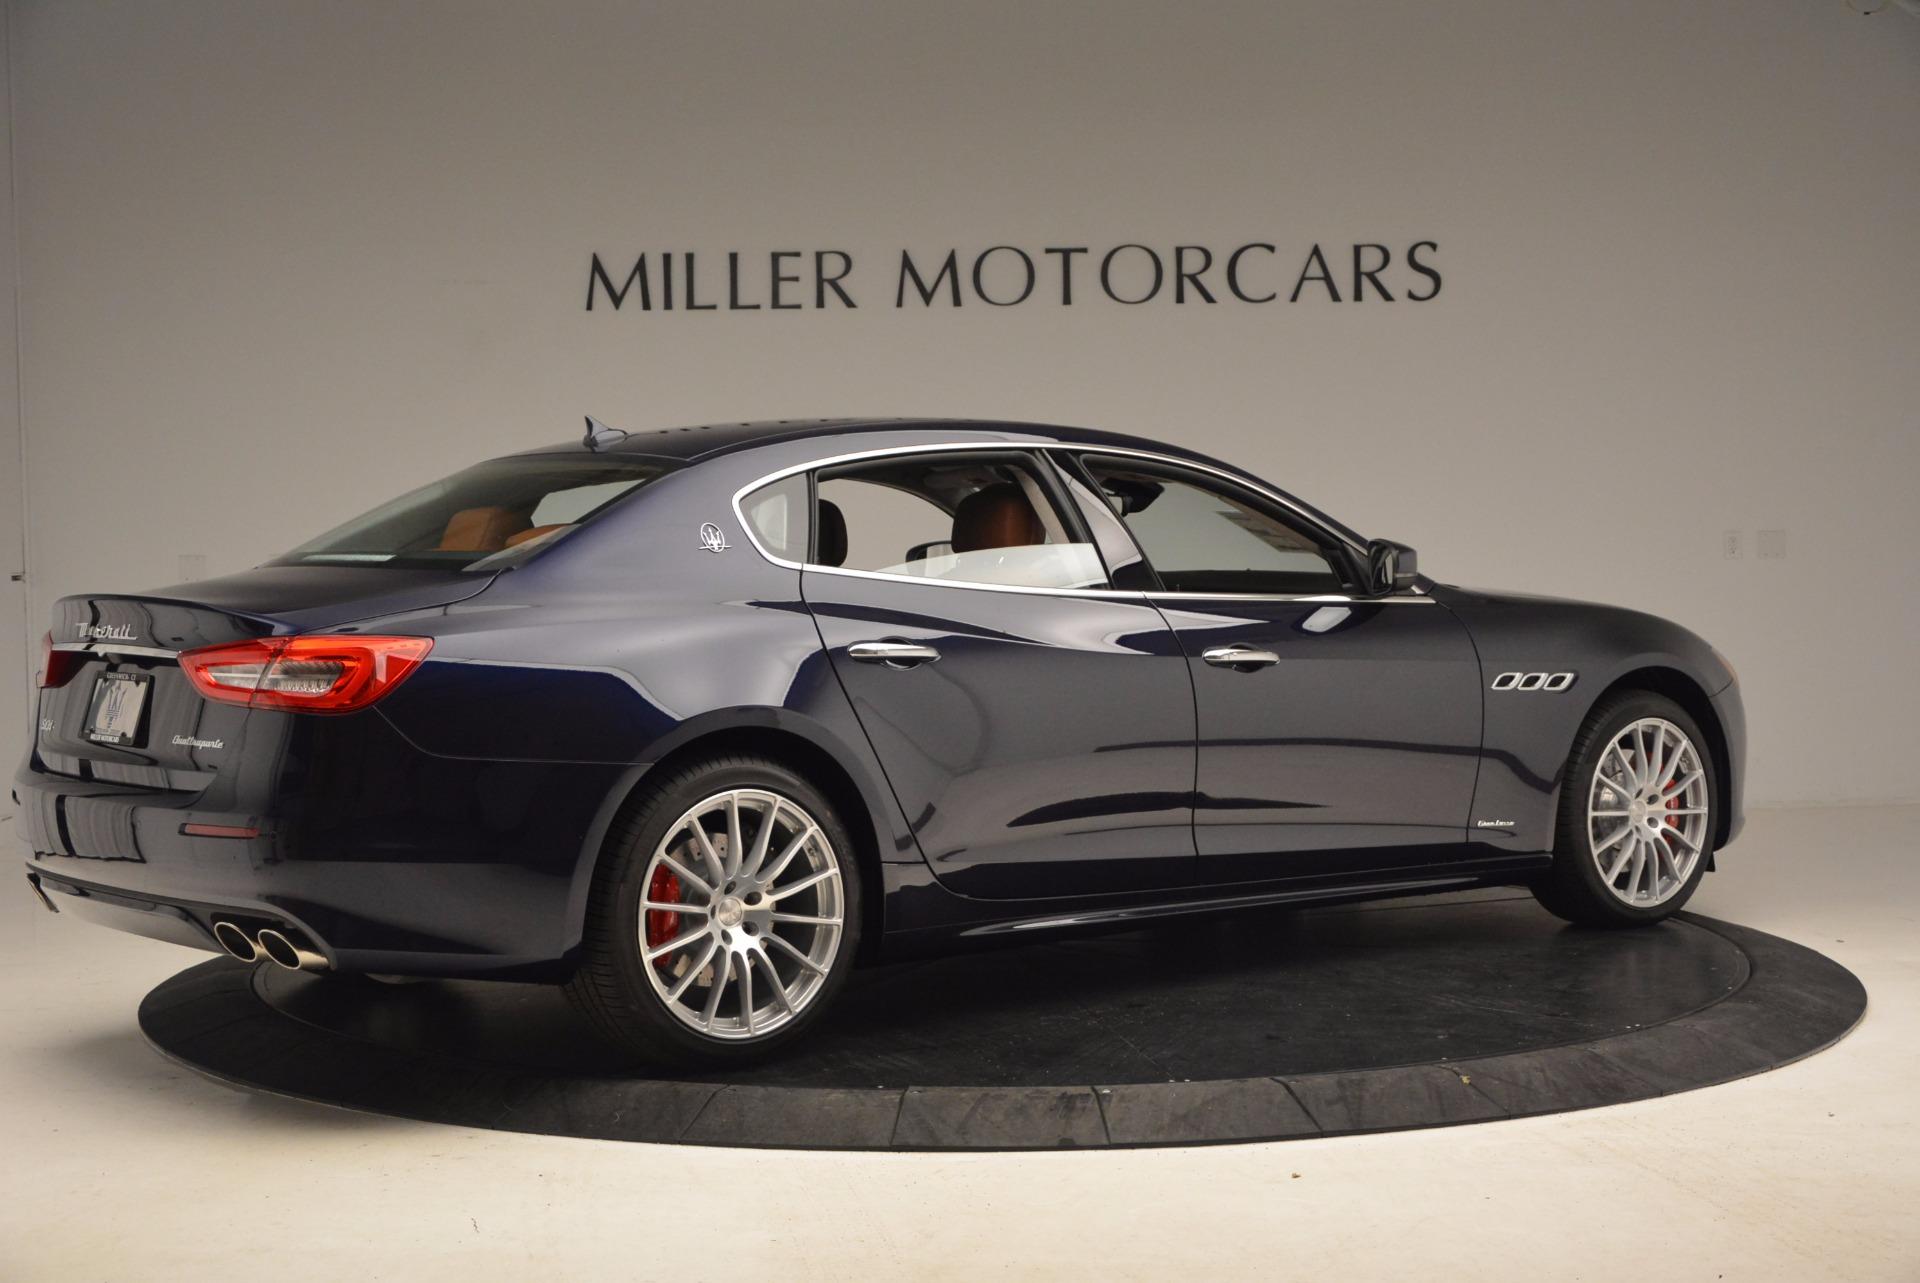 New 2018 Maserati Quattroporte S Q4 GranLusso For Sale In Greenwich, CT 1614_p8